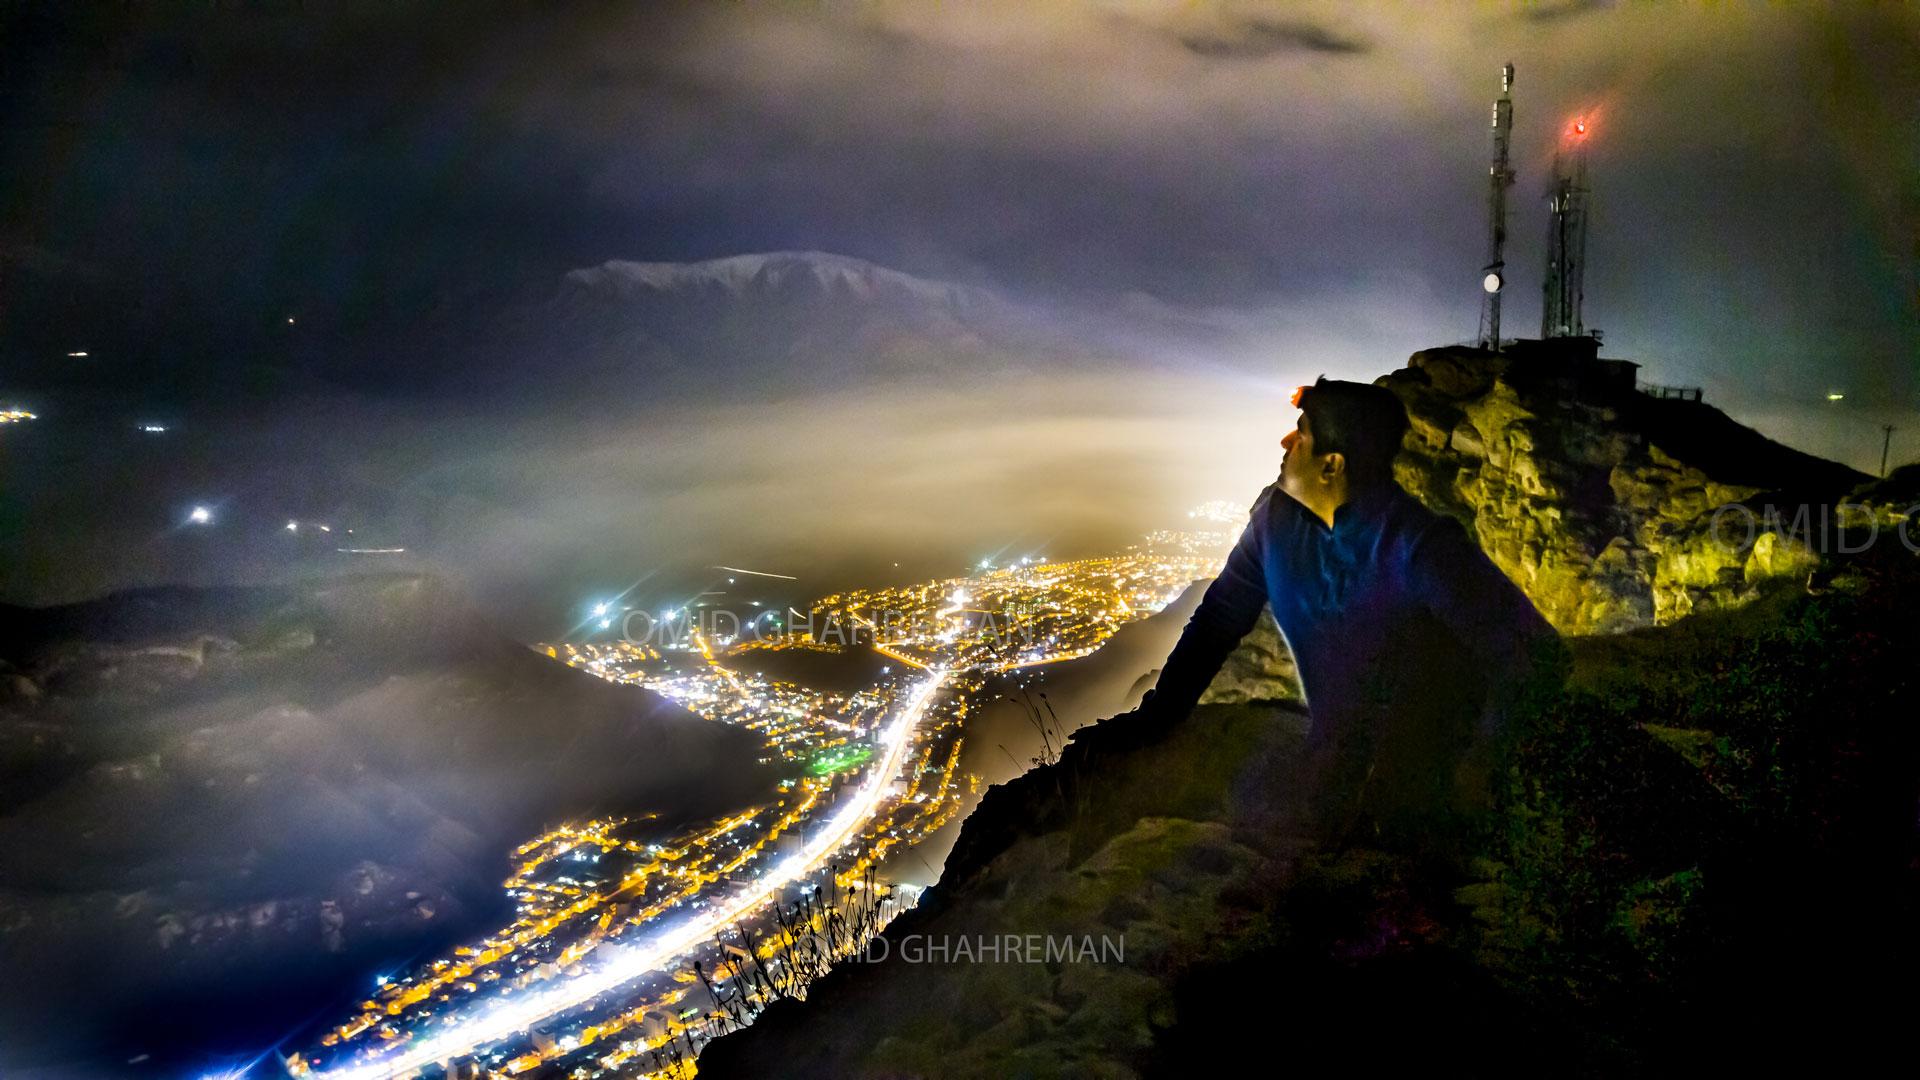 شبی مه آلود و سرد در کوهستان شهر